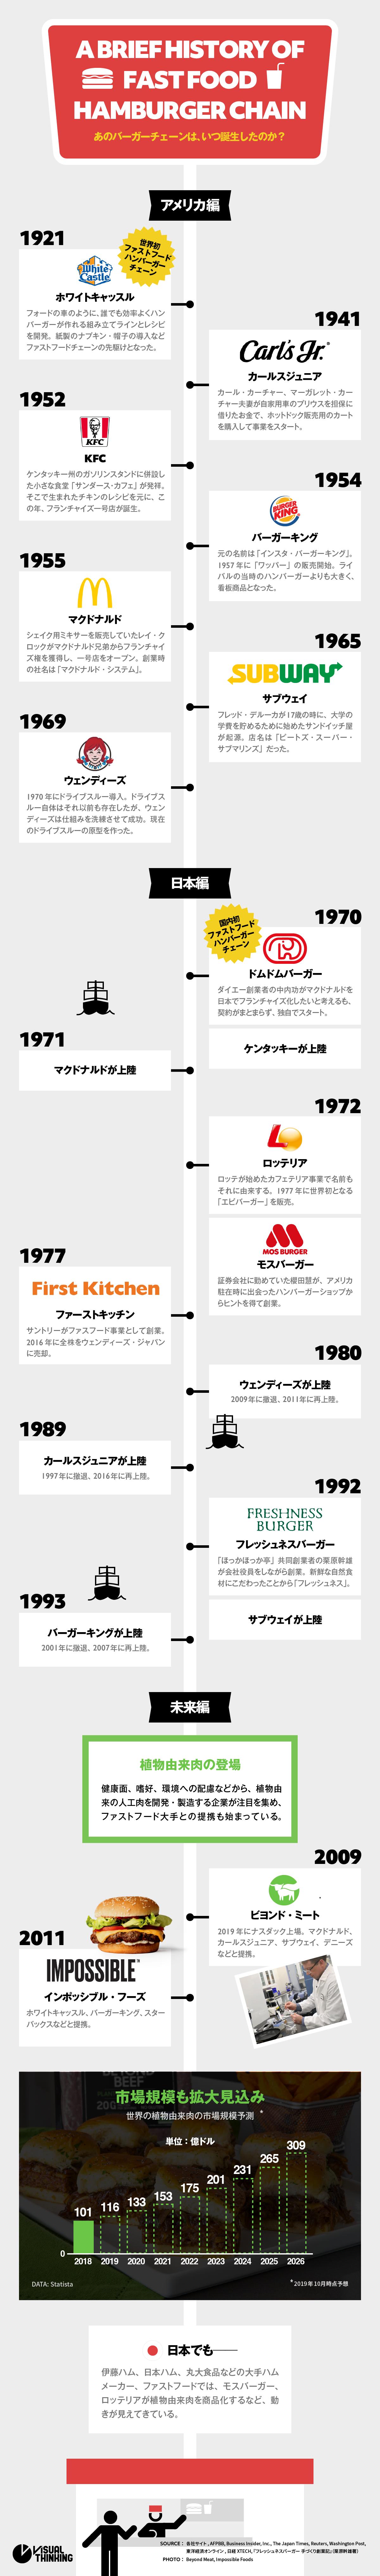 ファストフード 歴史 インフォグラフィック